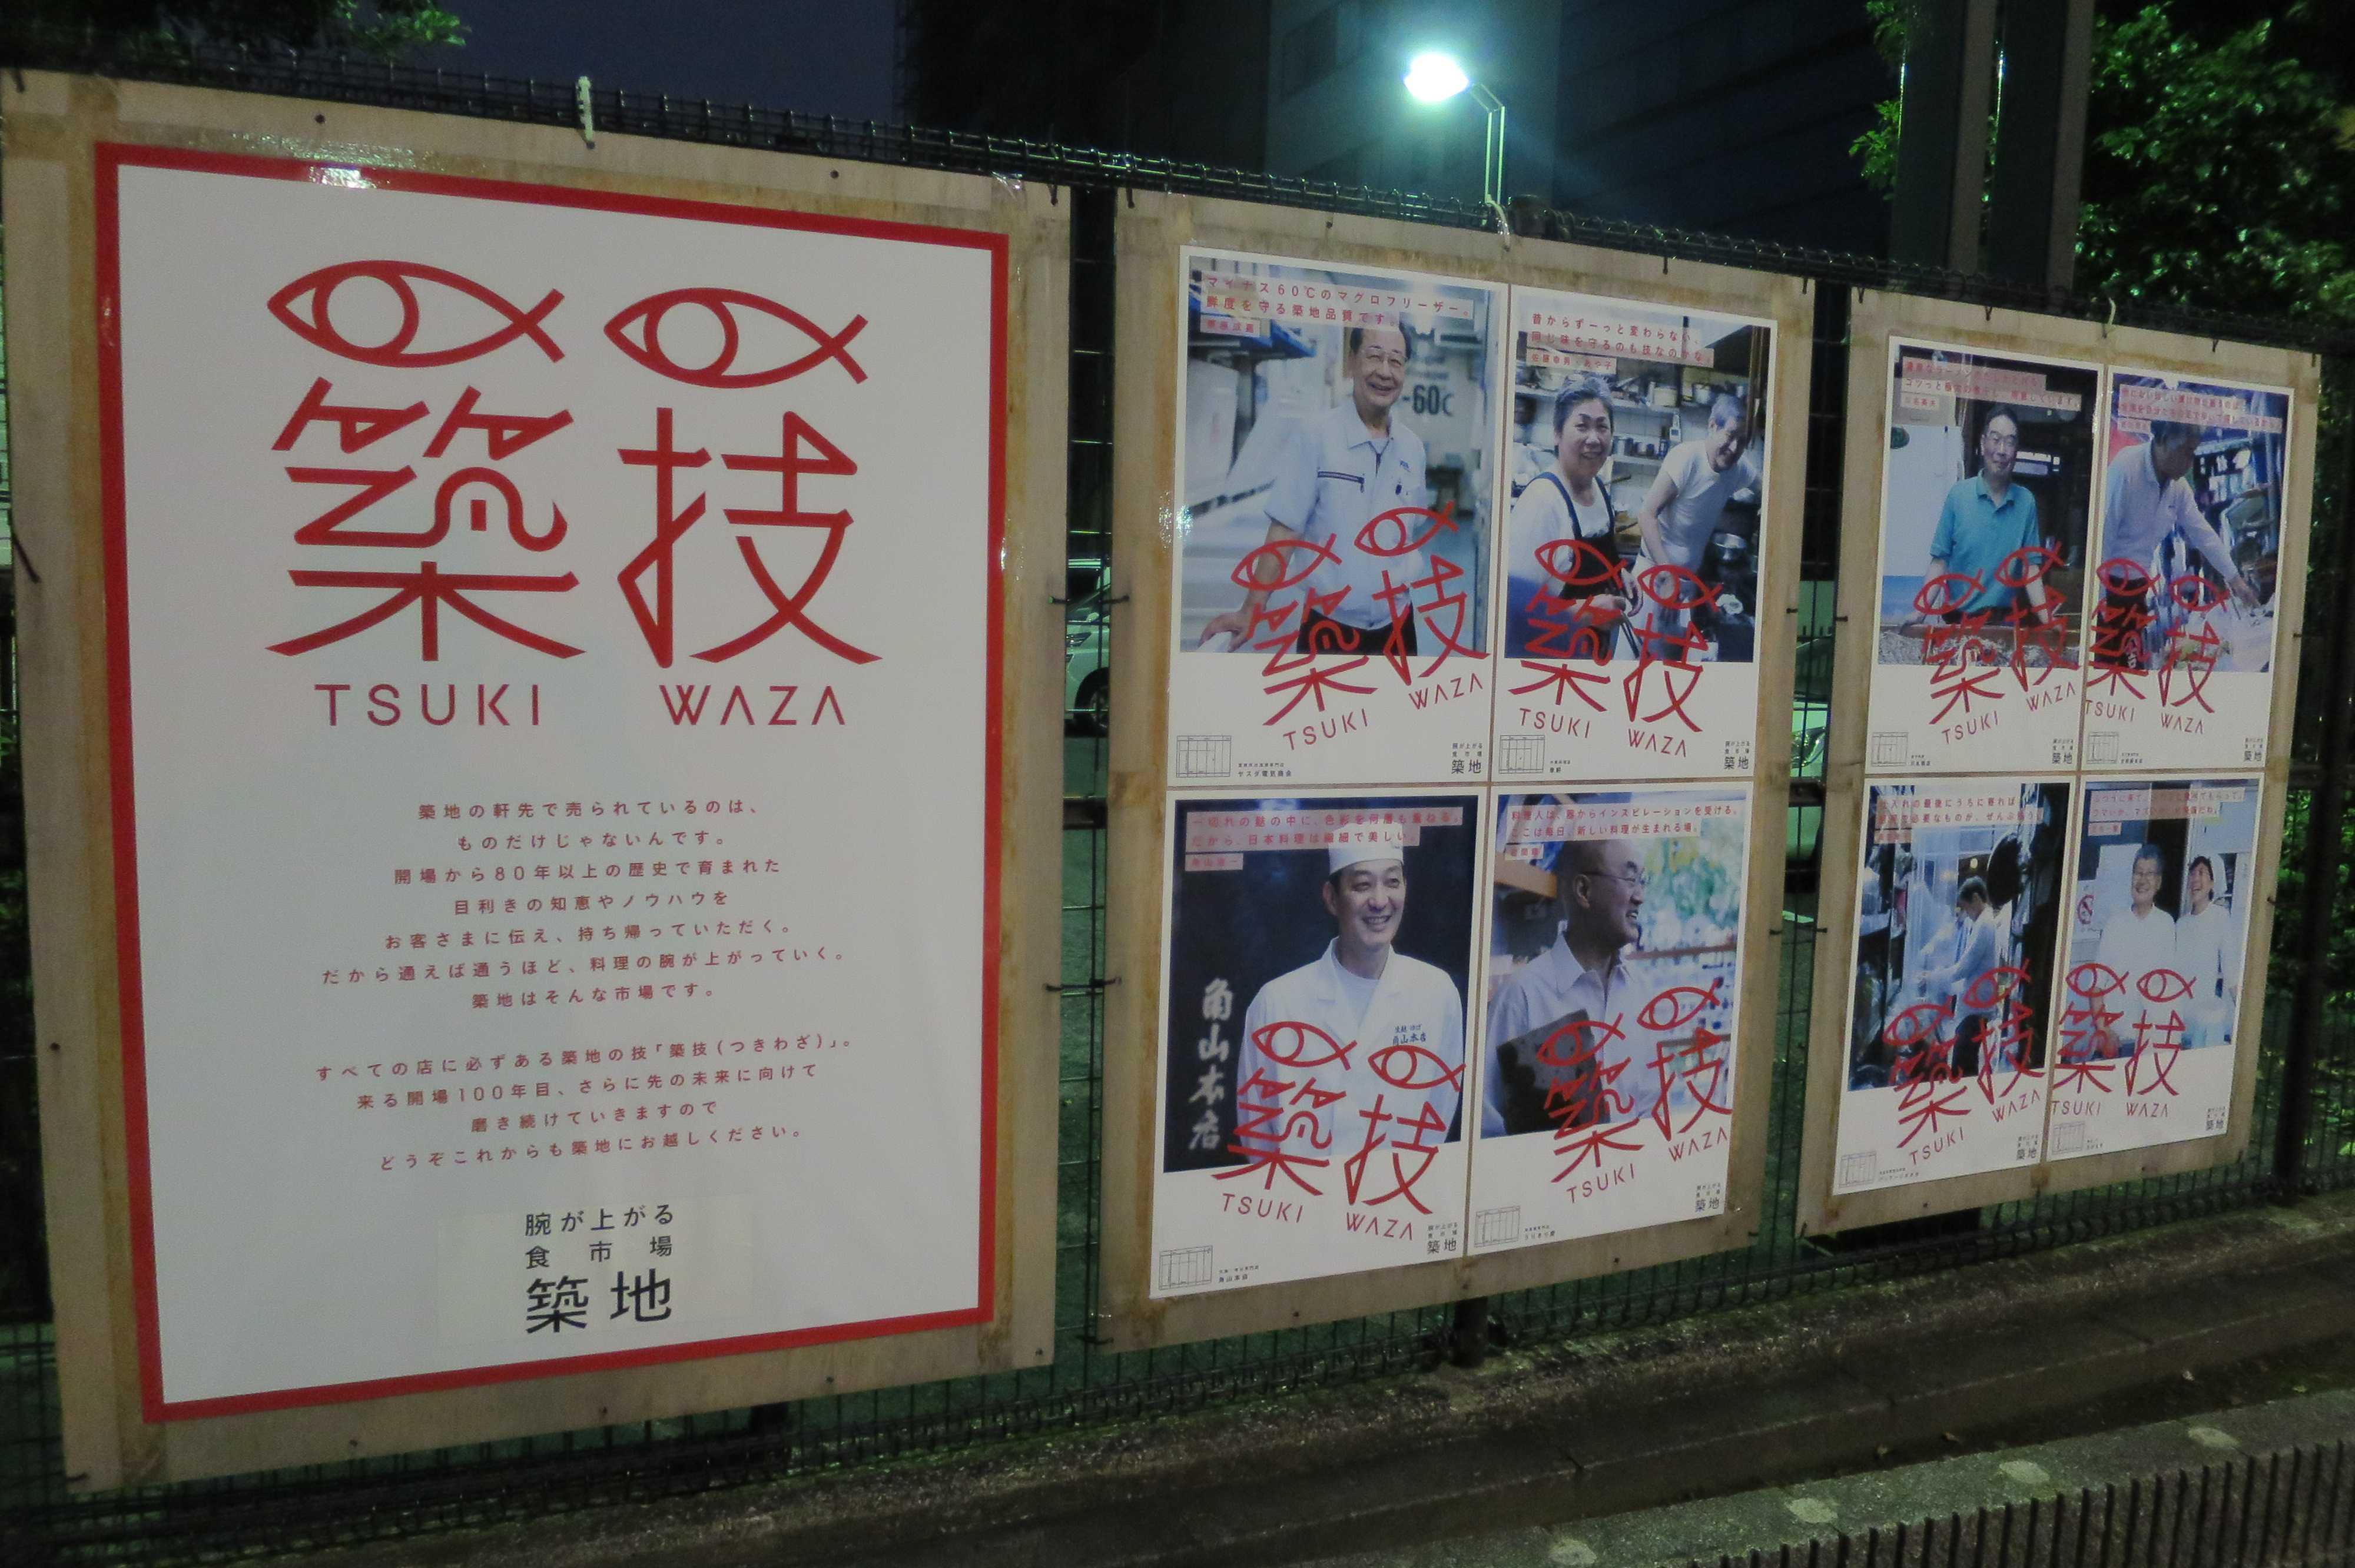 築地エリア - 築技(TSUKI WAZA)- 腕が上がる食市場 築地のポスター群